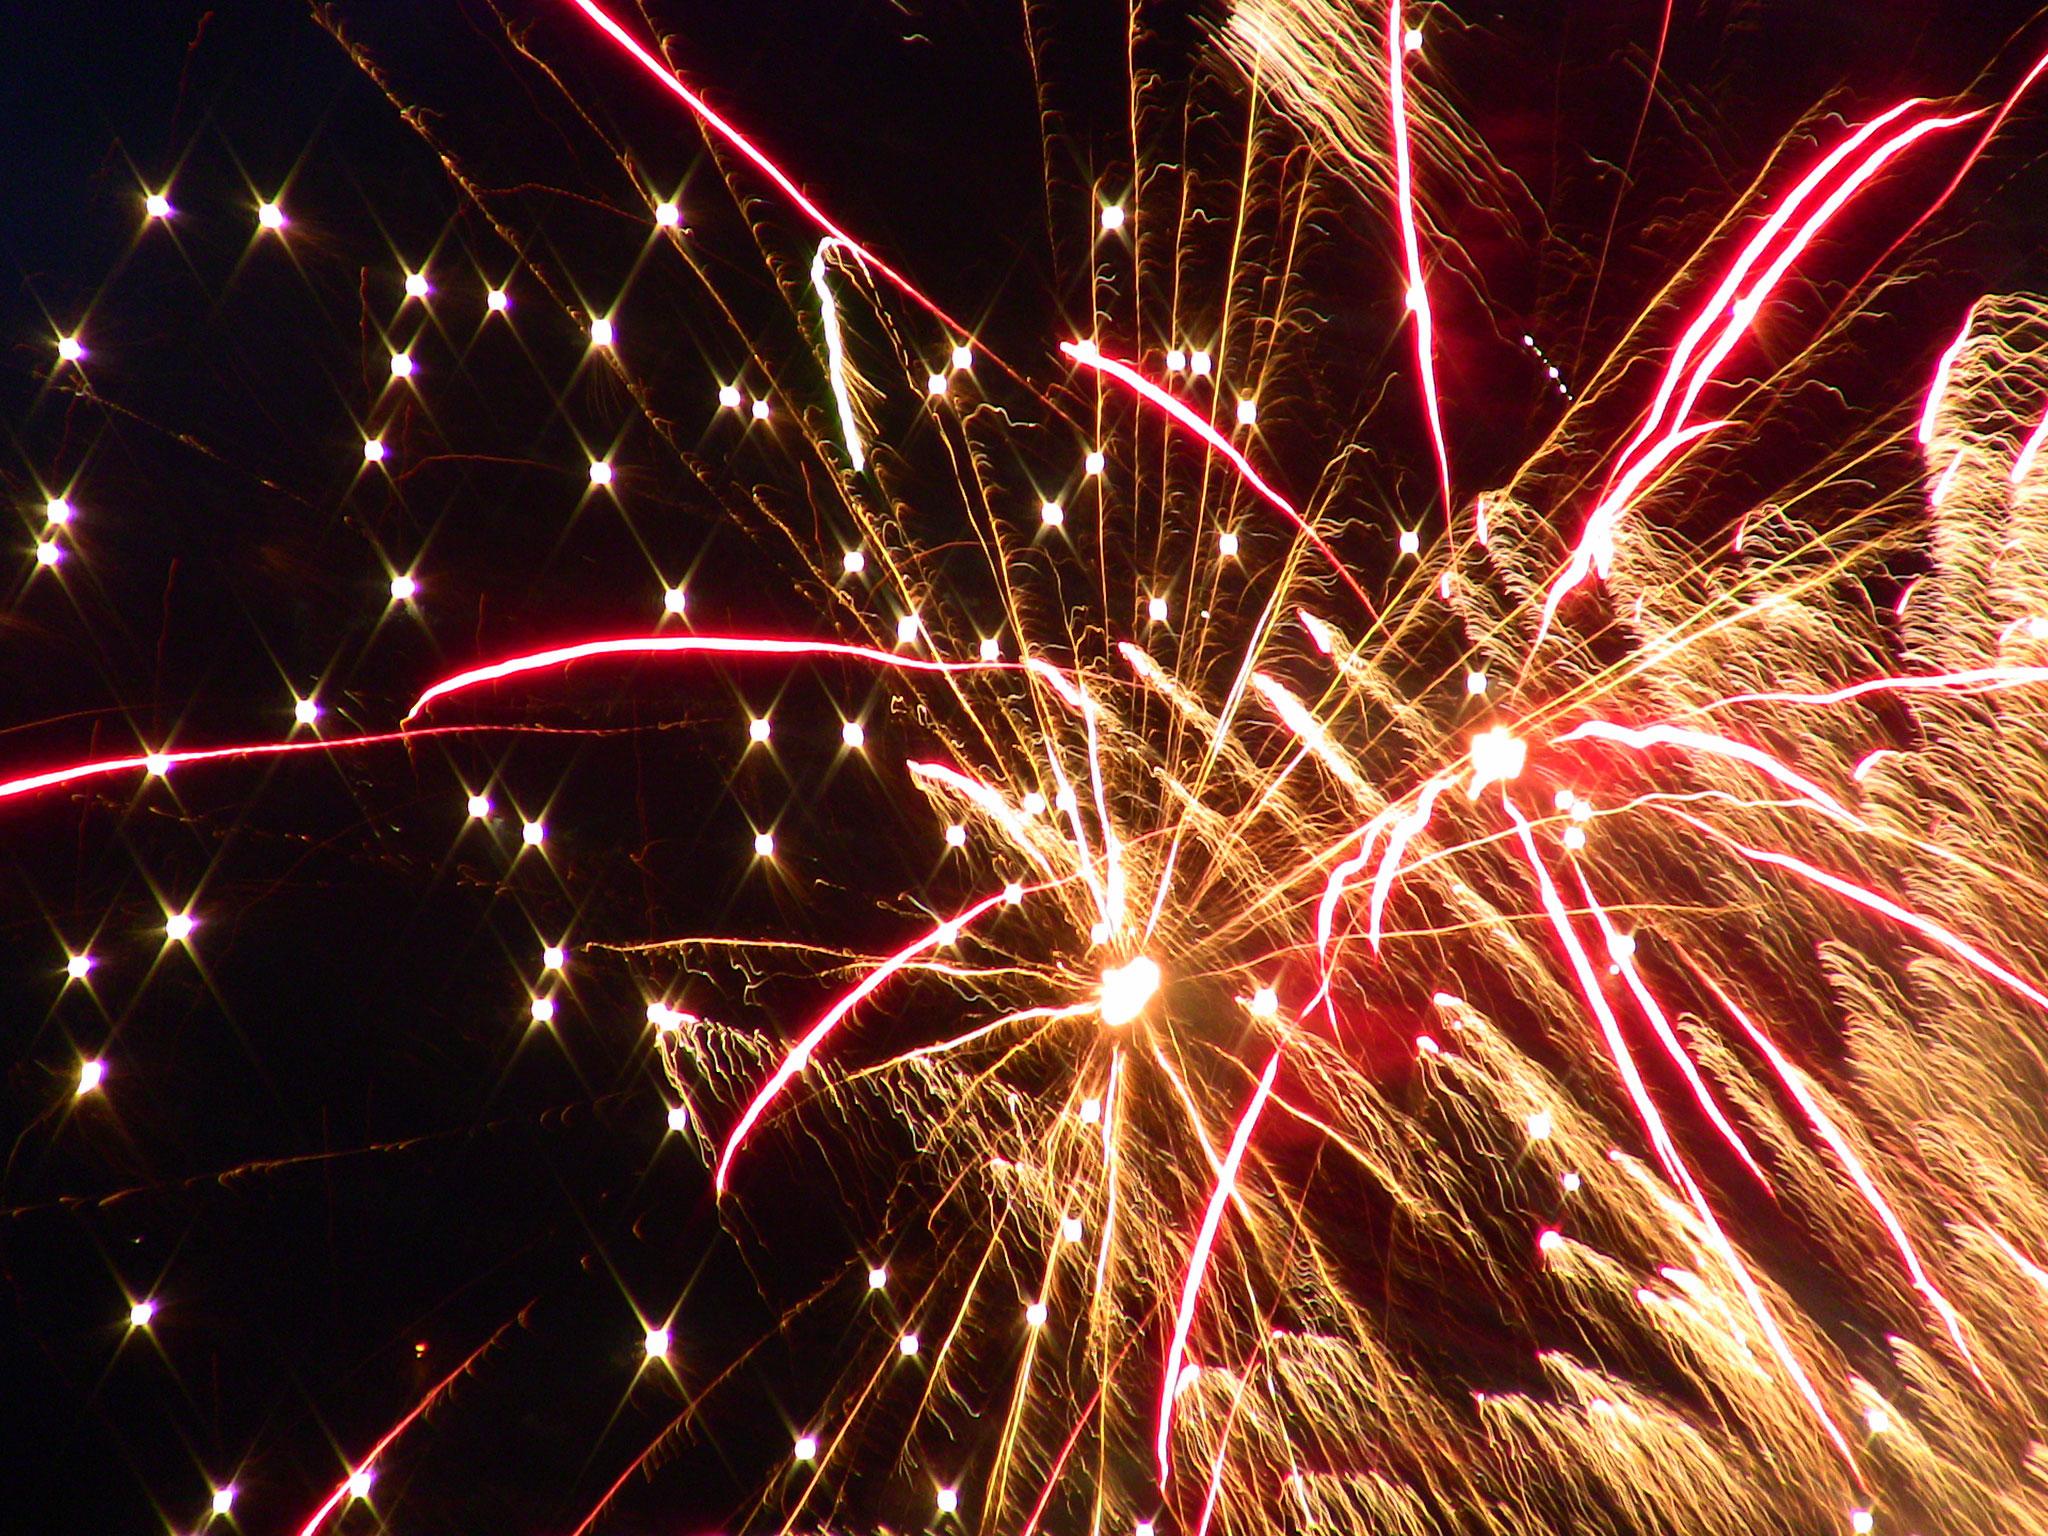 Firerworks